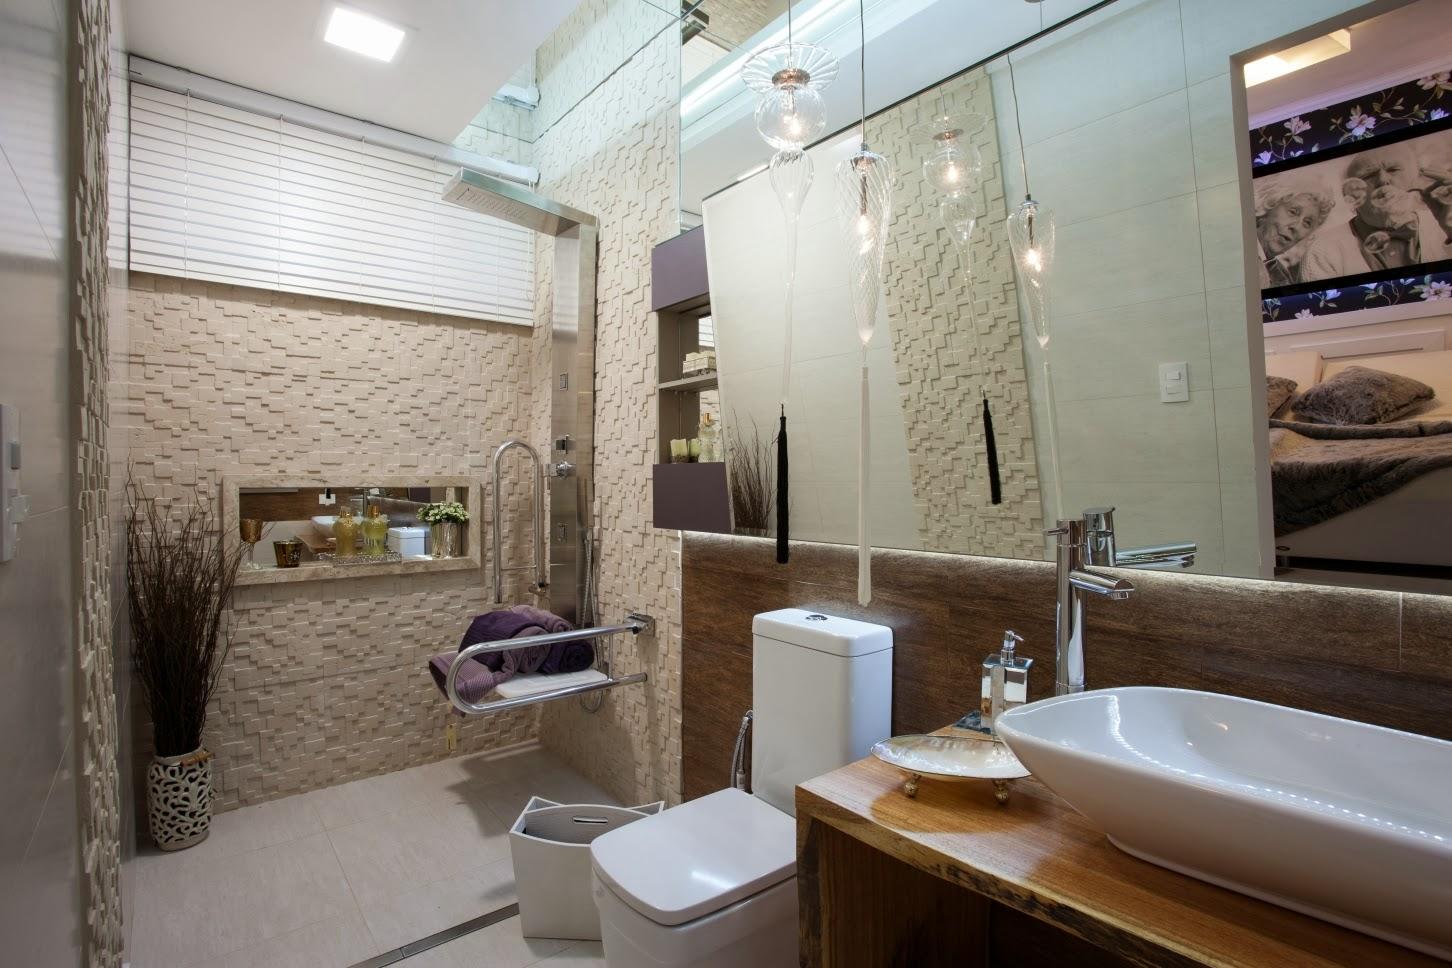 de 48 profissionais entre arquitetos e designers de interiores #37281F 1452 968